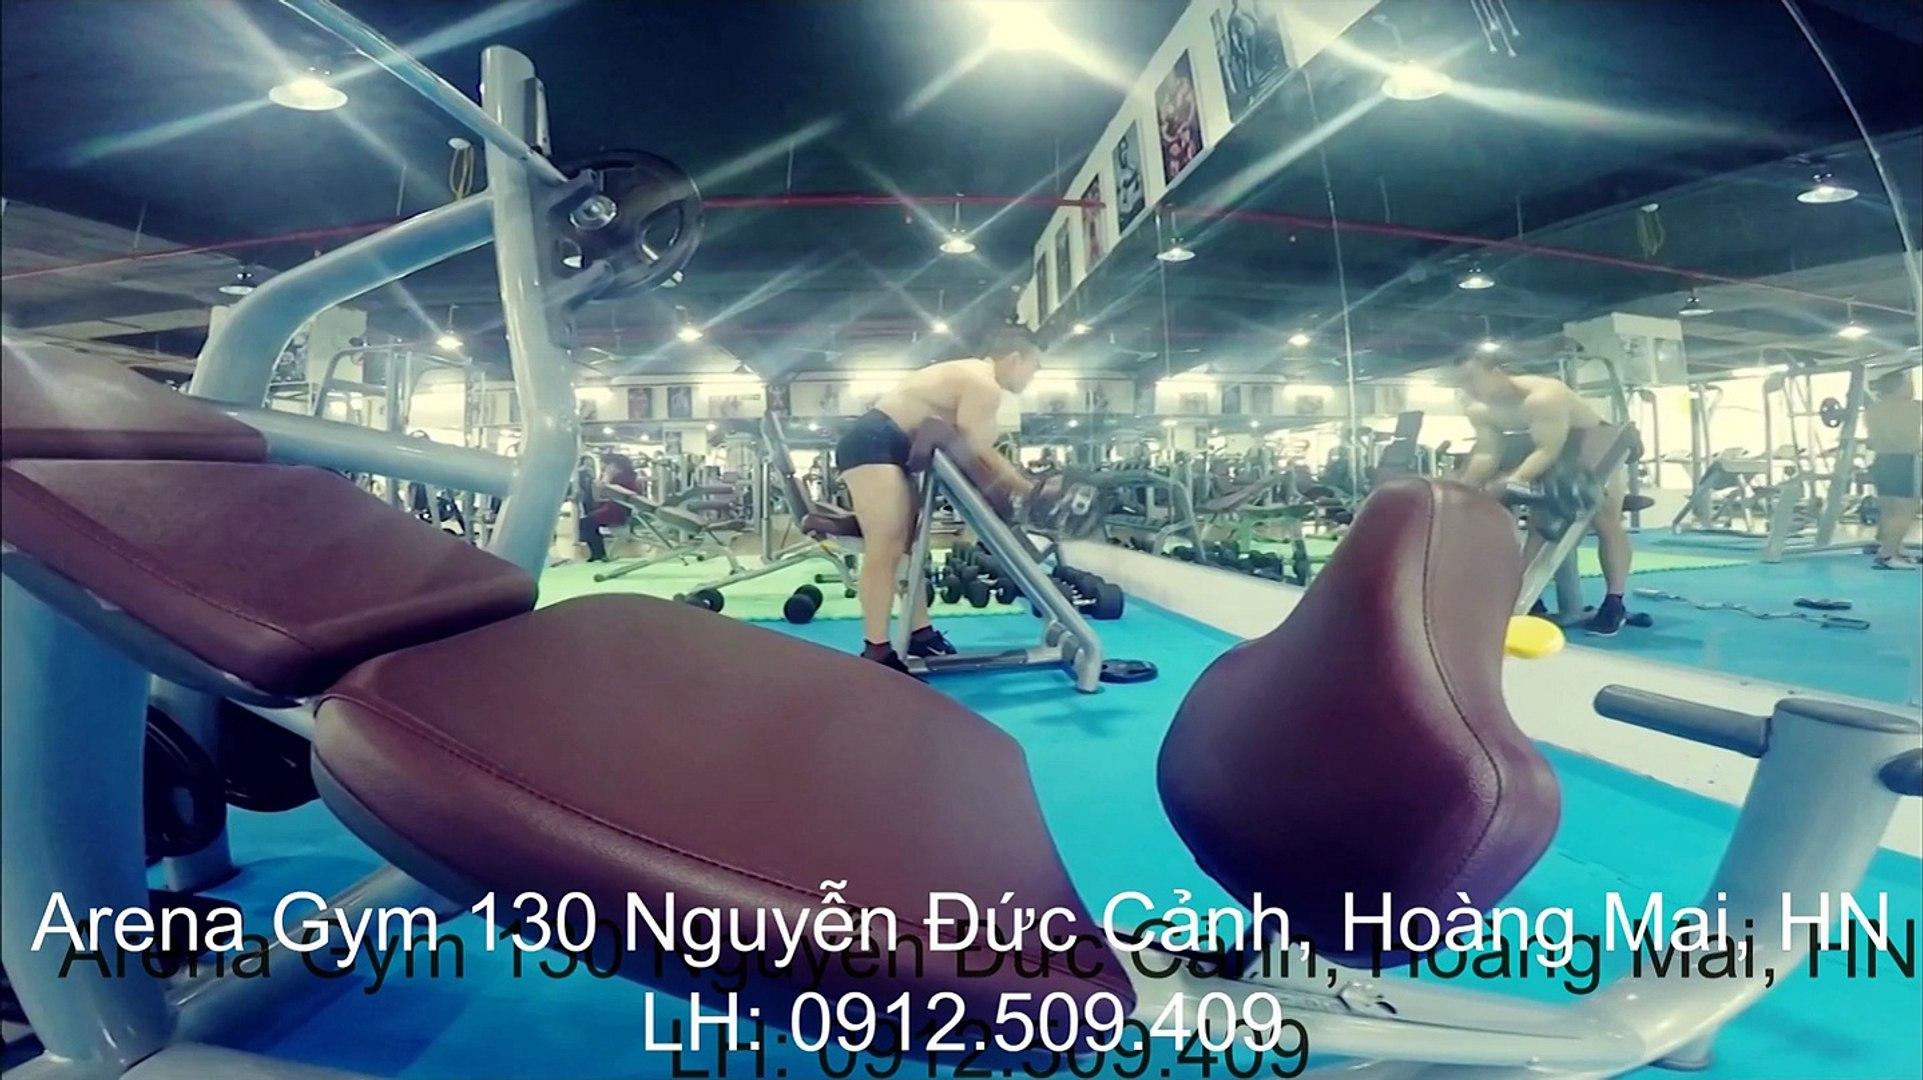 Arena Gym, Phòng tập thể hình, thể hình hà nội, gym, fitness, yoga, aerobic, zumba fitness, phòng tậ